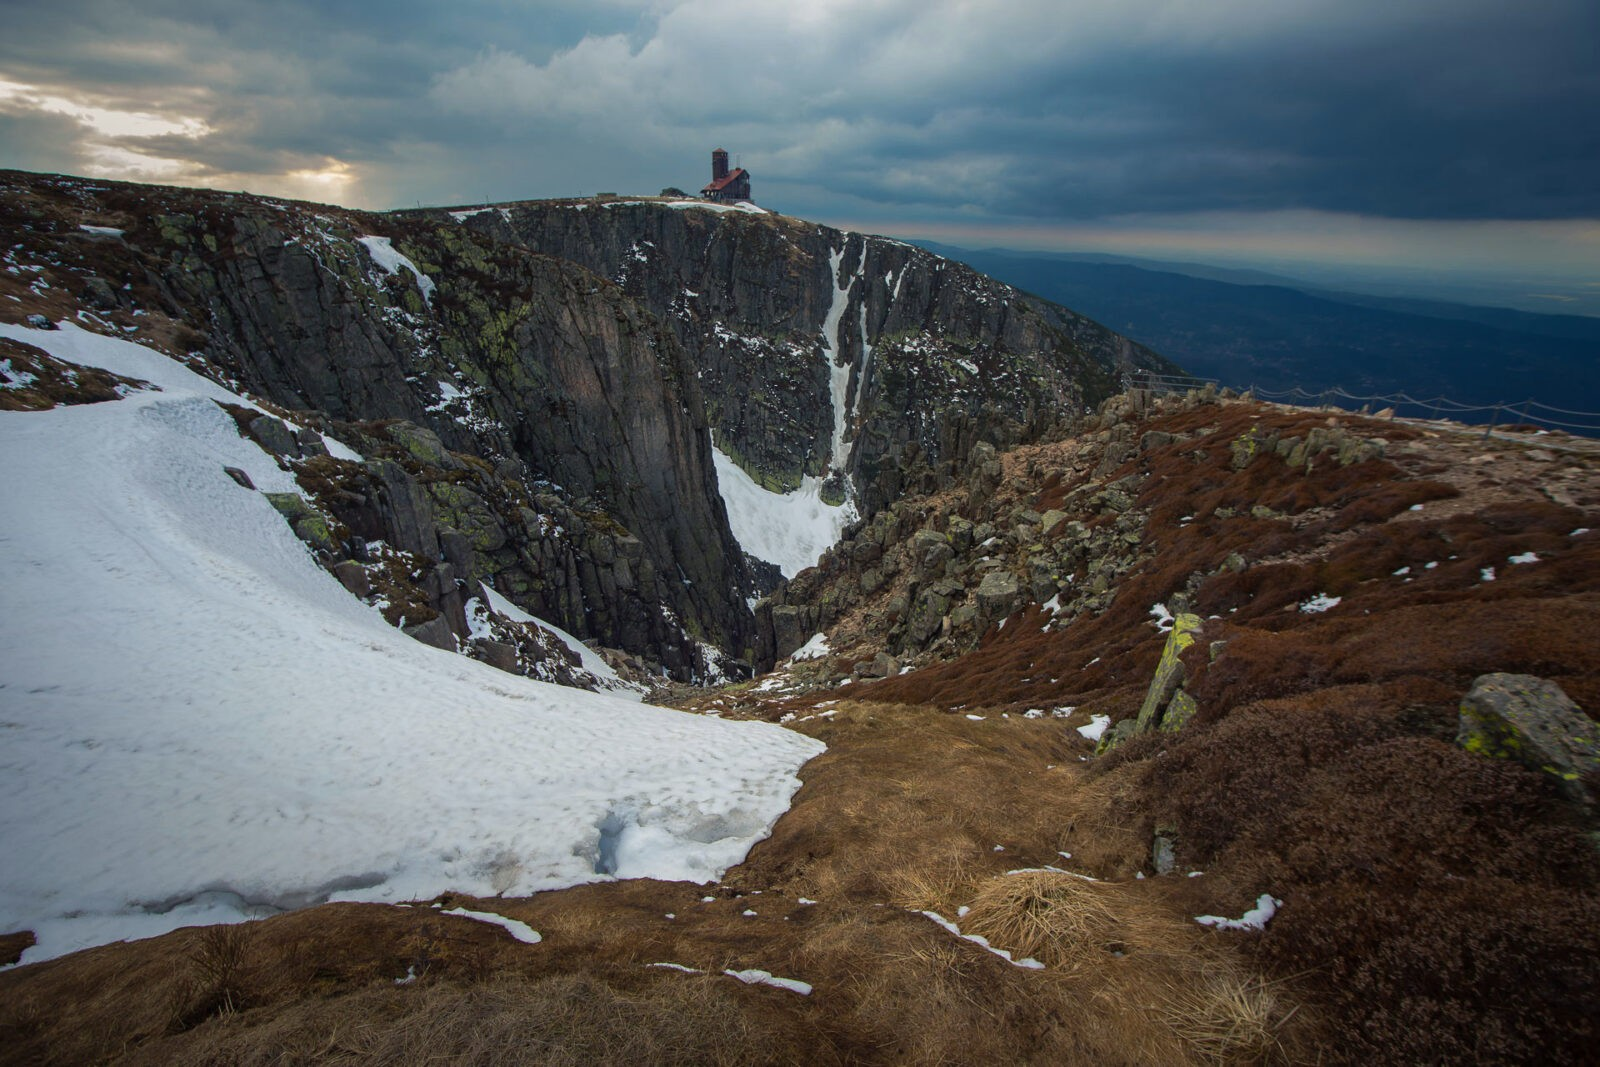 Wielki Śnieżny Kocioł fot.Krzysztof Romańczukiewicz www.fotoPort.pl